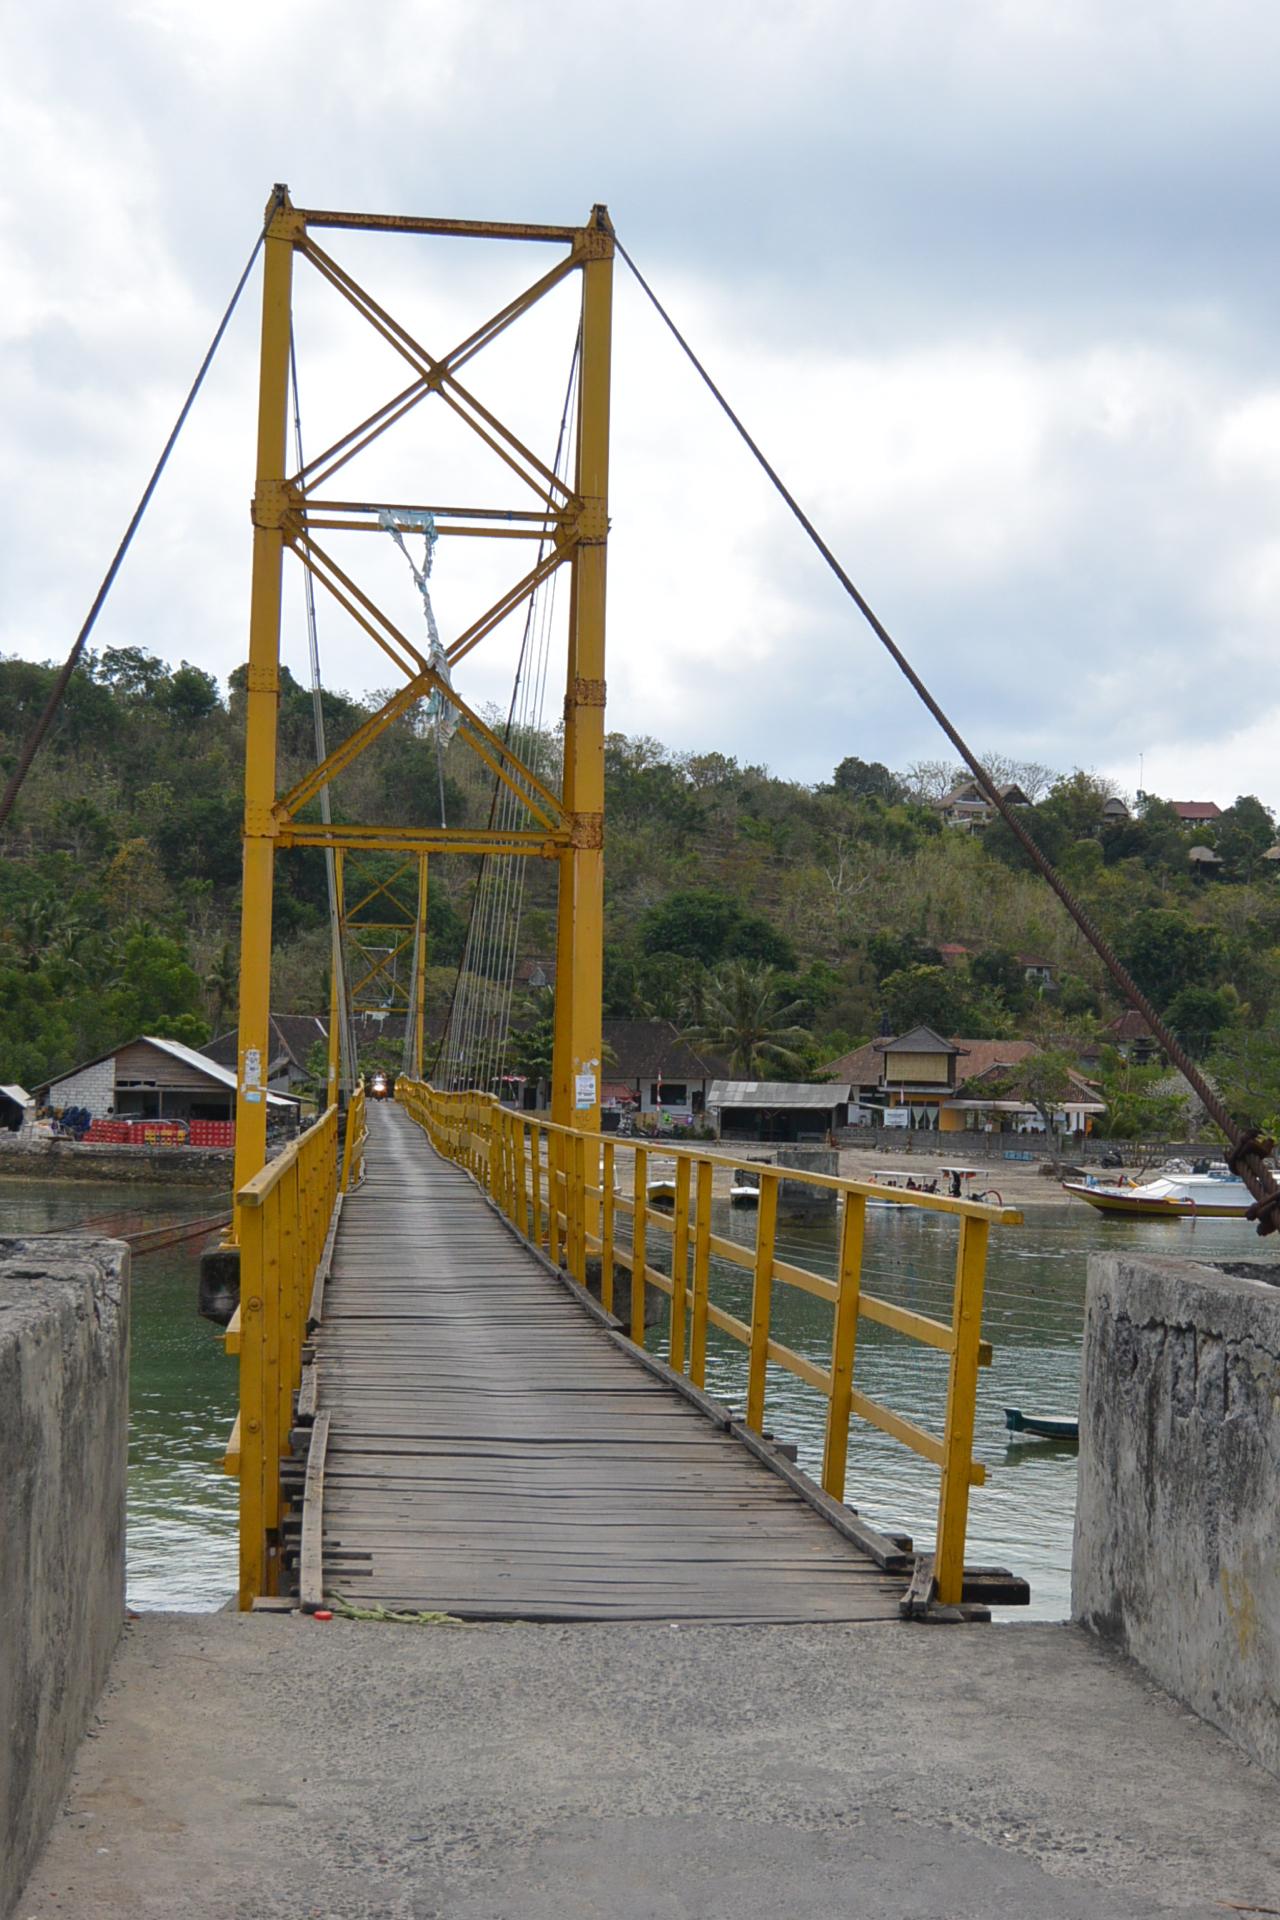 レンボンガン島のサスペンションブリッジ-i